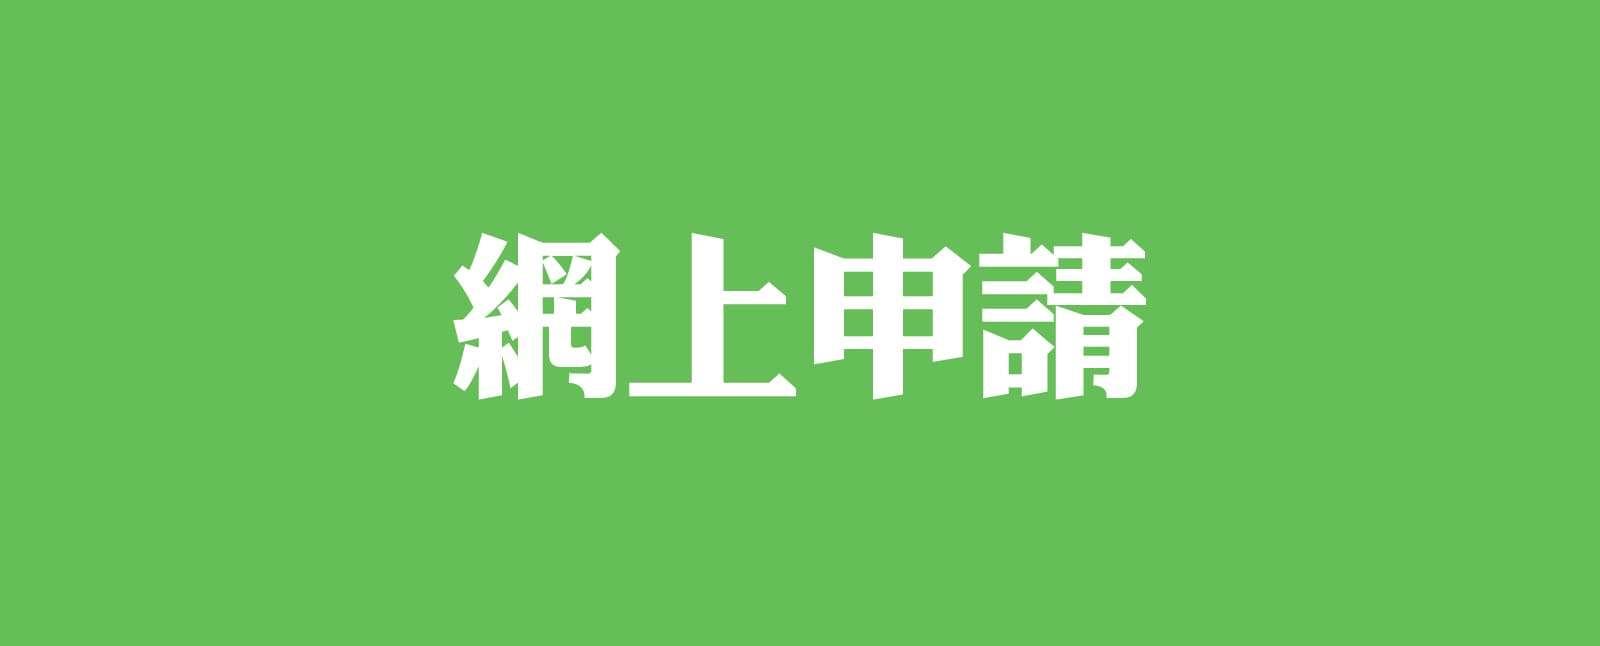 網上申請_mobile